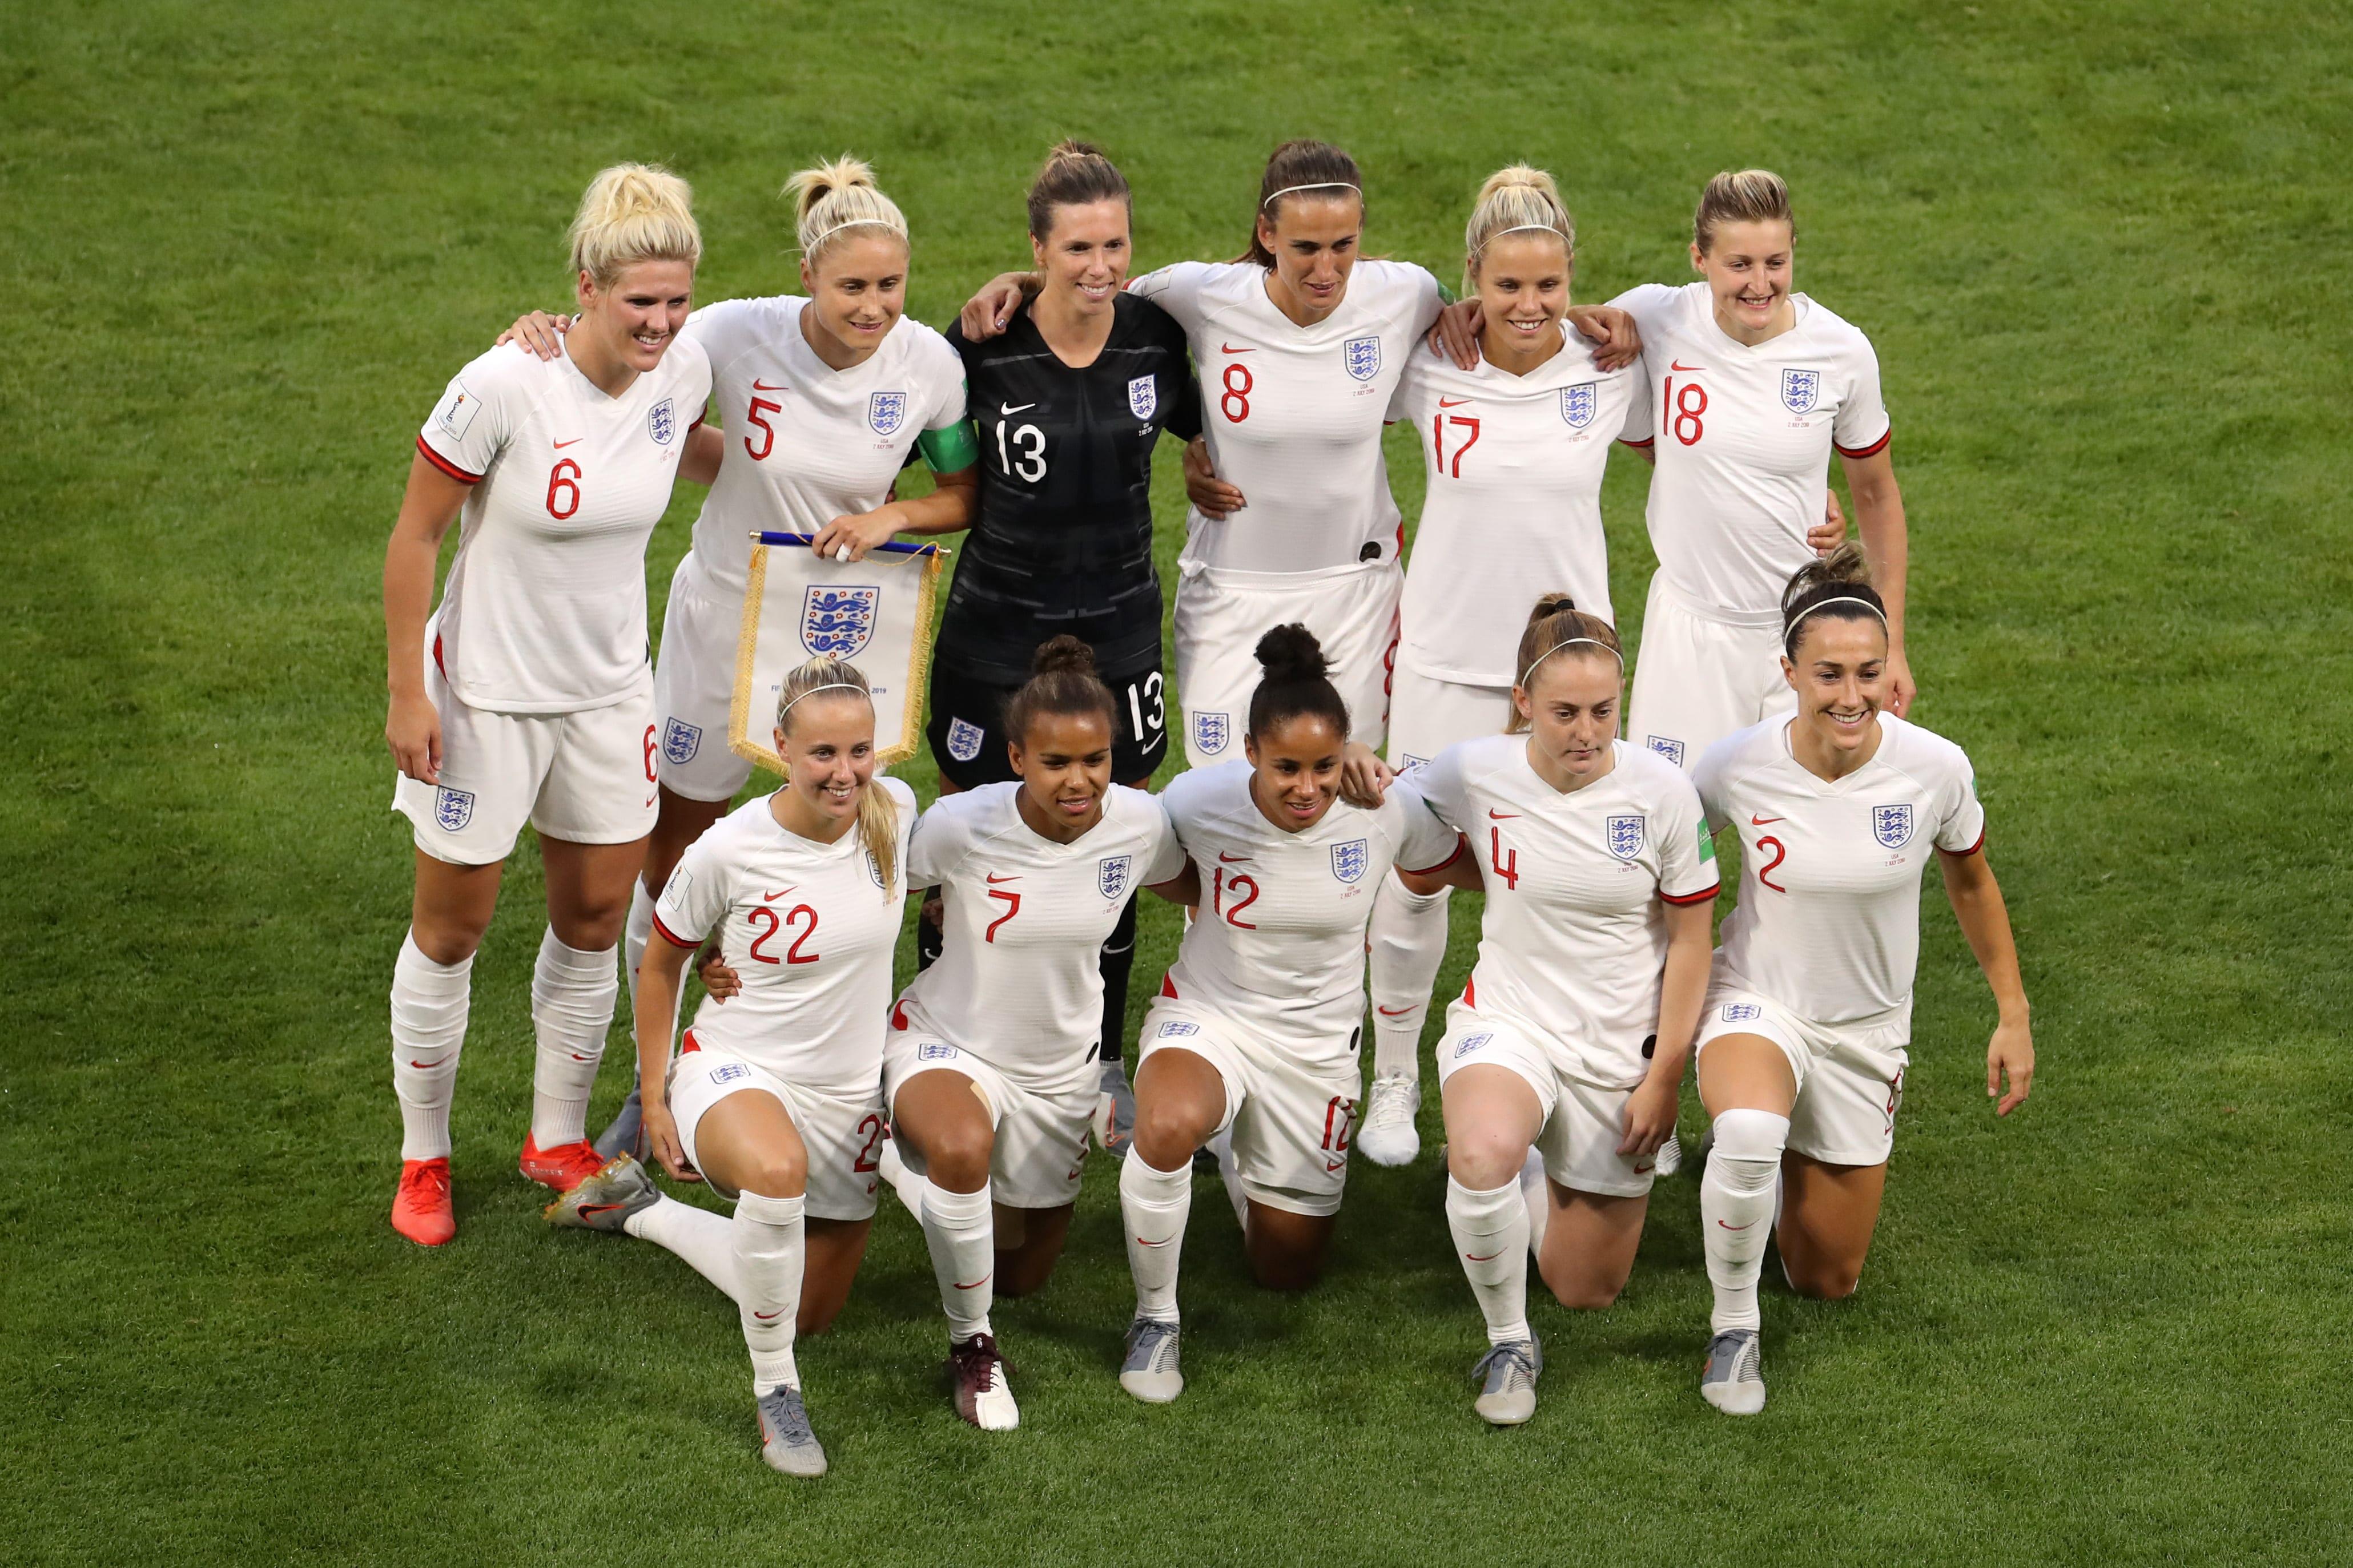 Inglaterra enfrente a Holanda amanhã na disputa pelo terceiro lugar do Mundial